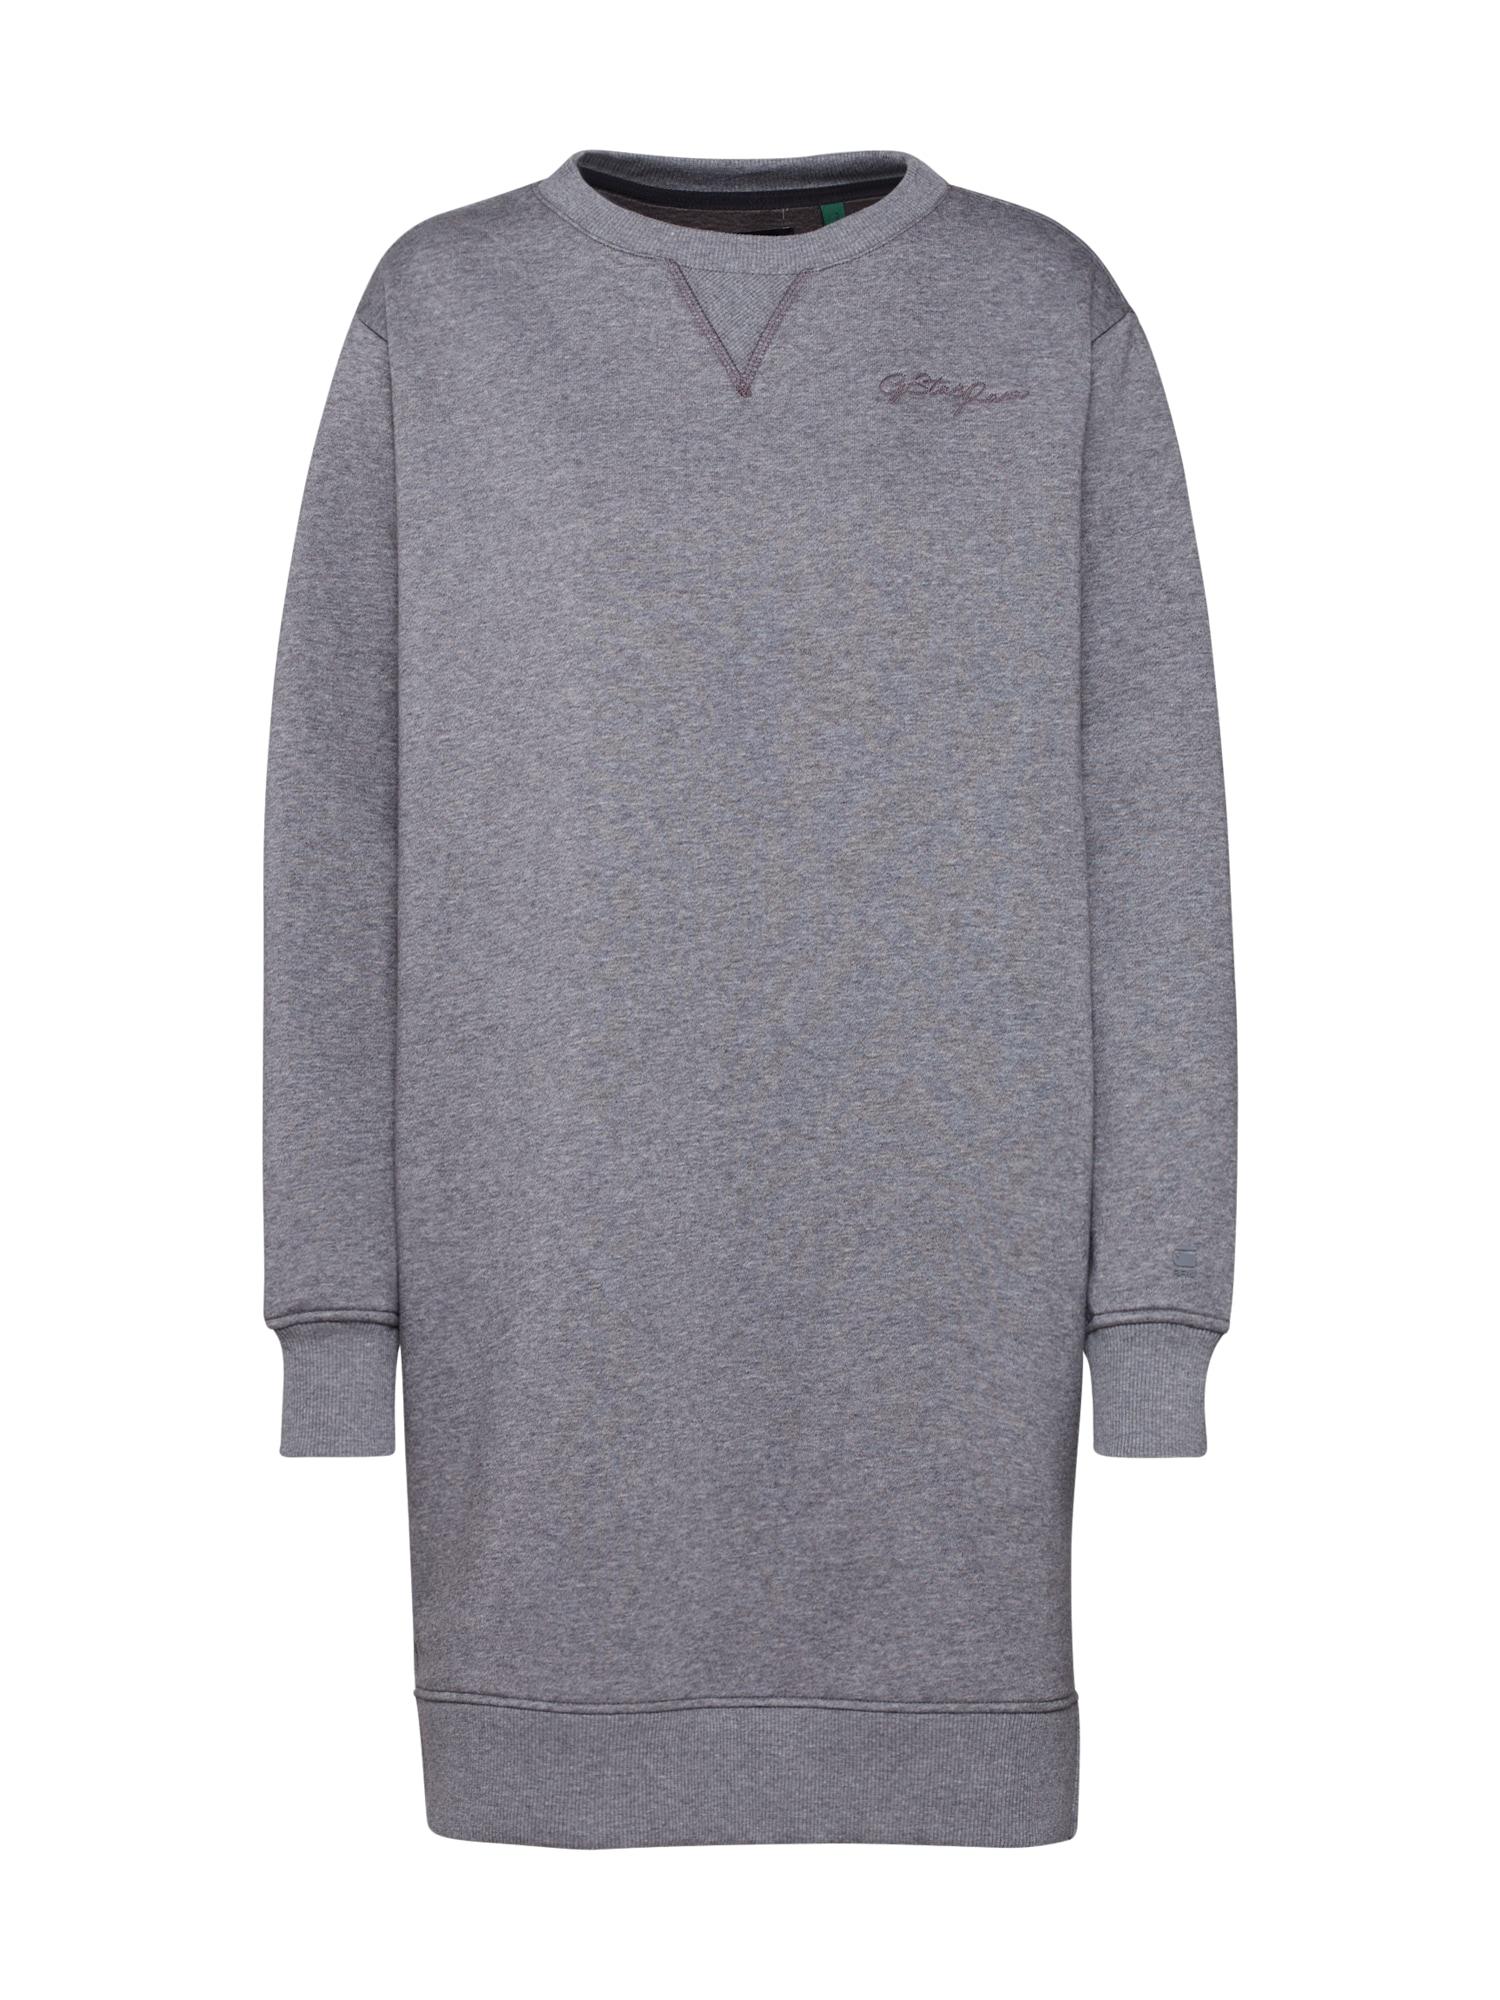 G-Star RAW Suknelė margai pilka